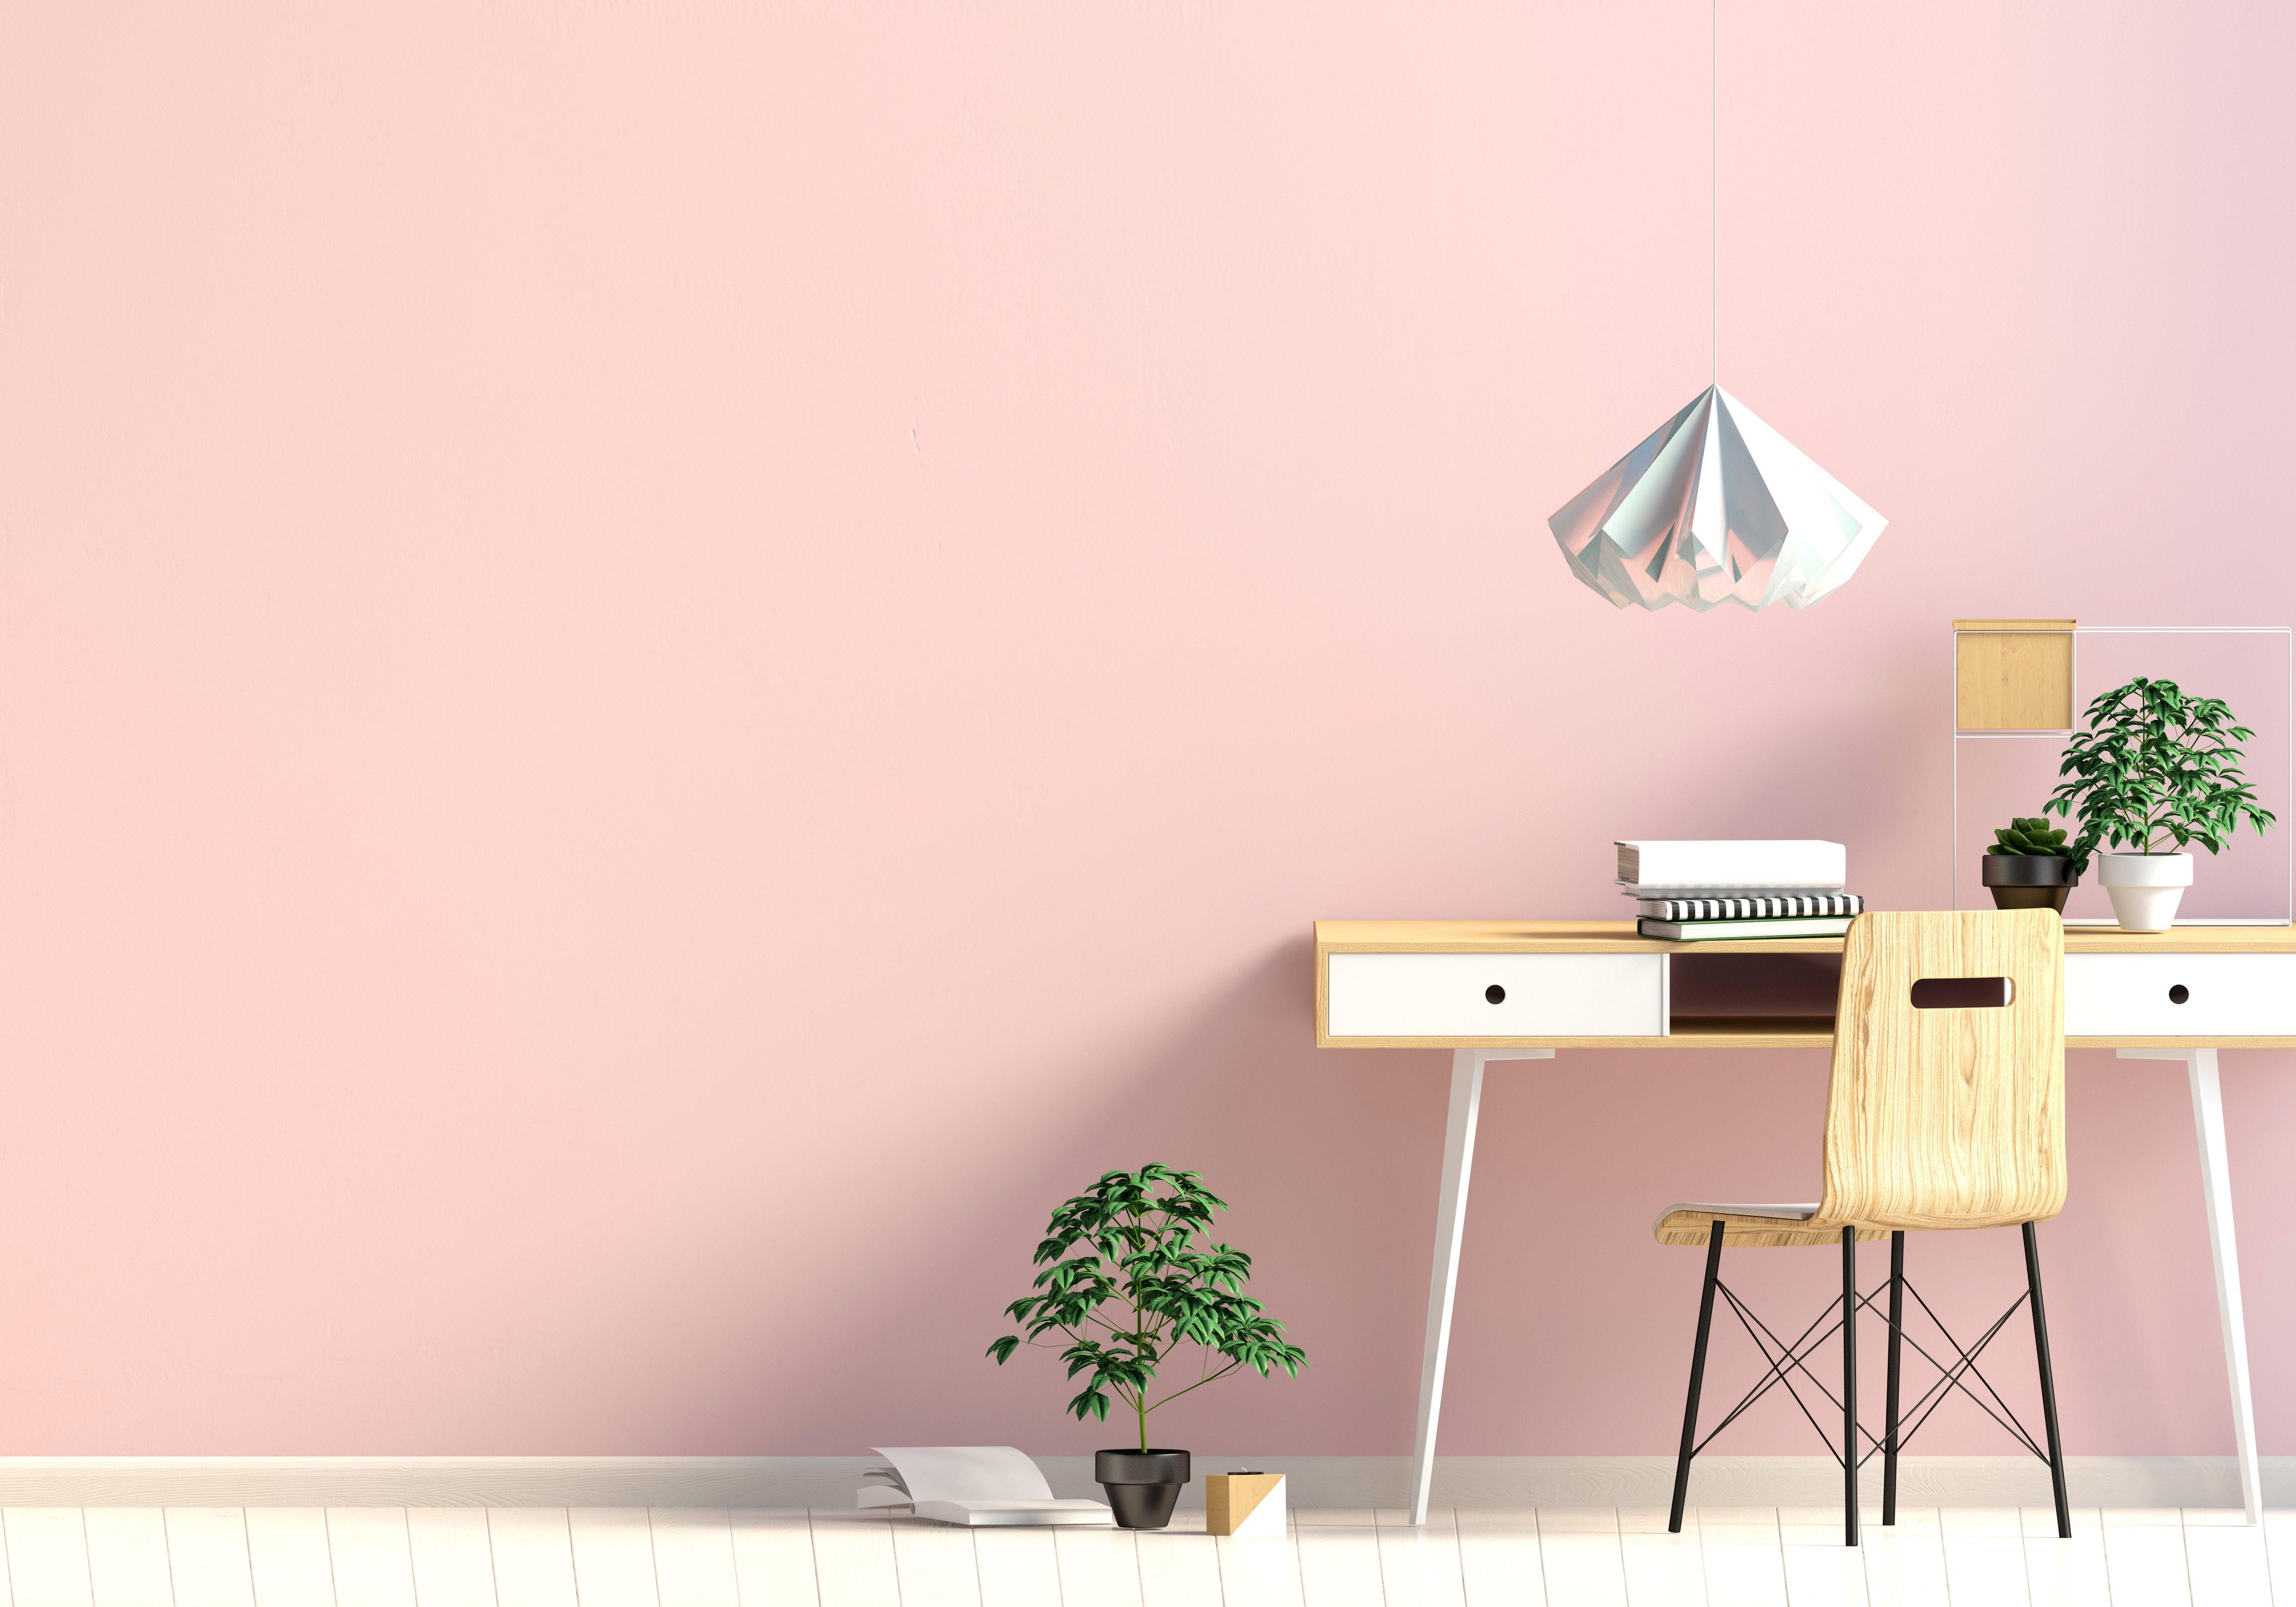 Idee Per Personalizzare La Camera : Decorare una camera da letto piccola idee se sei una fuori sede